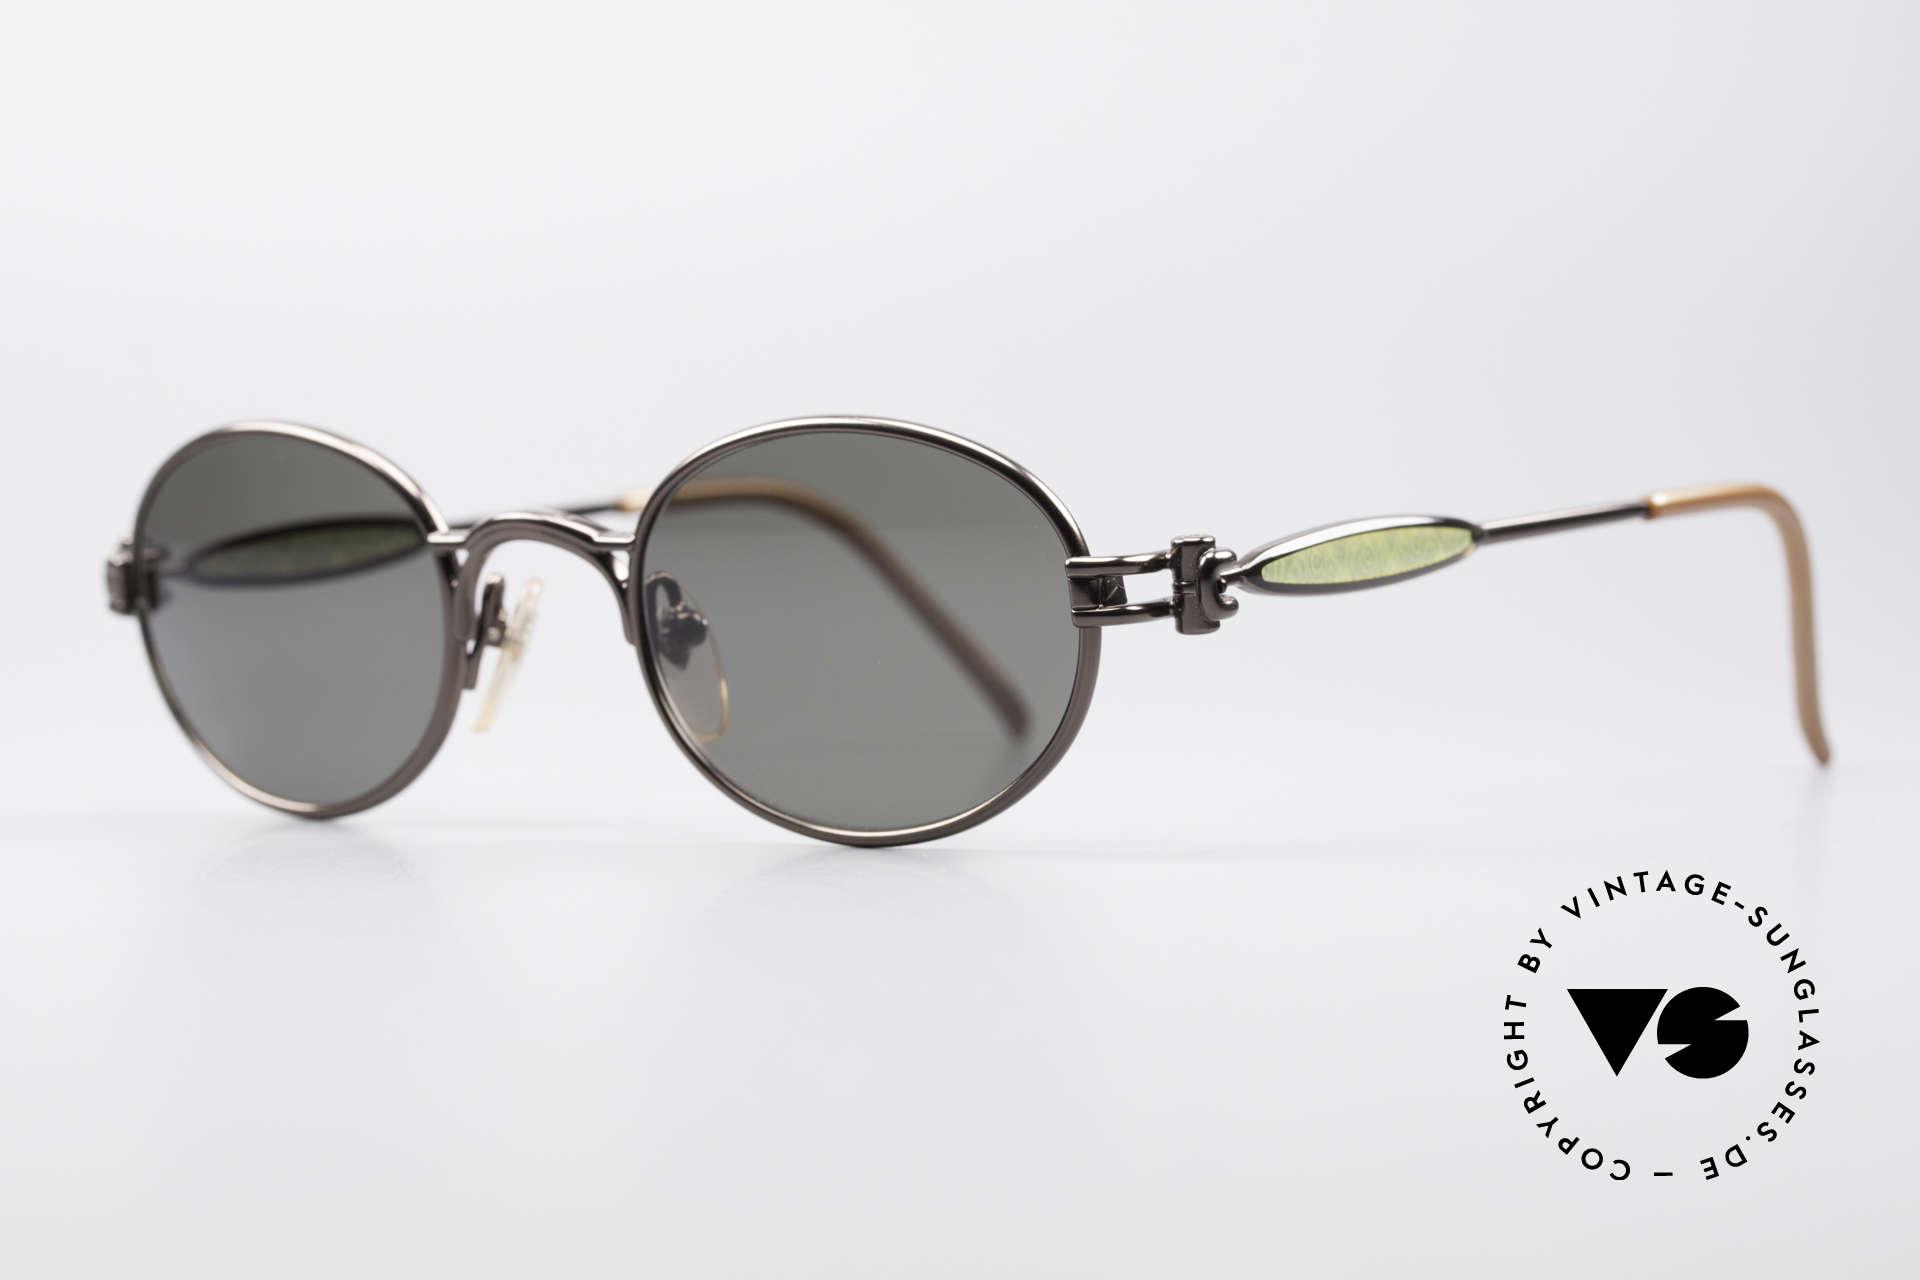 Jean Paul Gaultier 56-7113 Ovale JPG Designer Brille, extrem hochwertige Fassung sowie 100% UV Protection, Passend für Herren und Damen